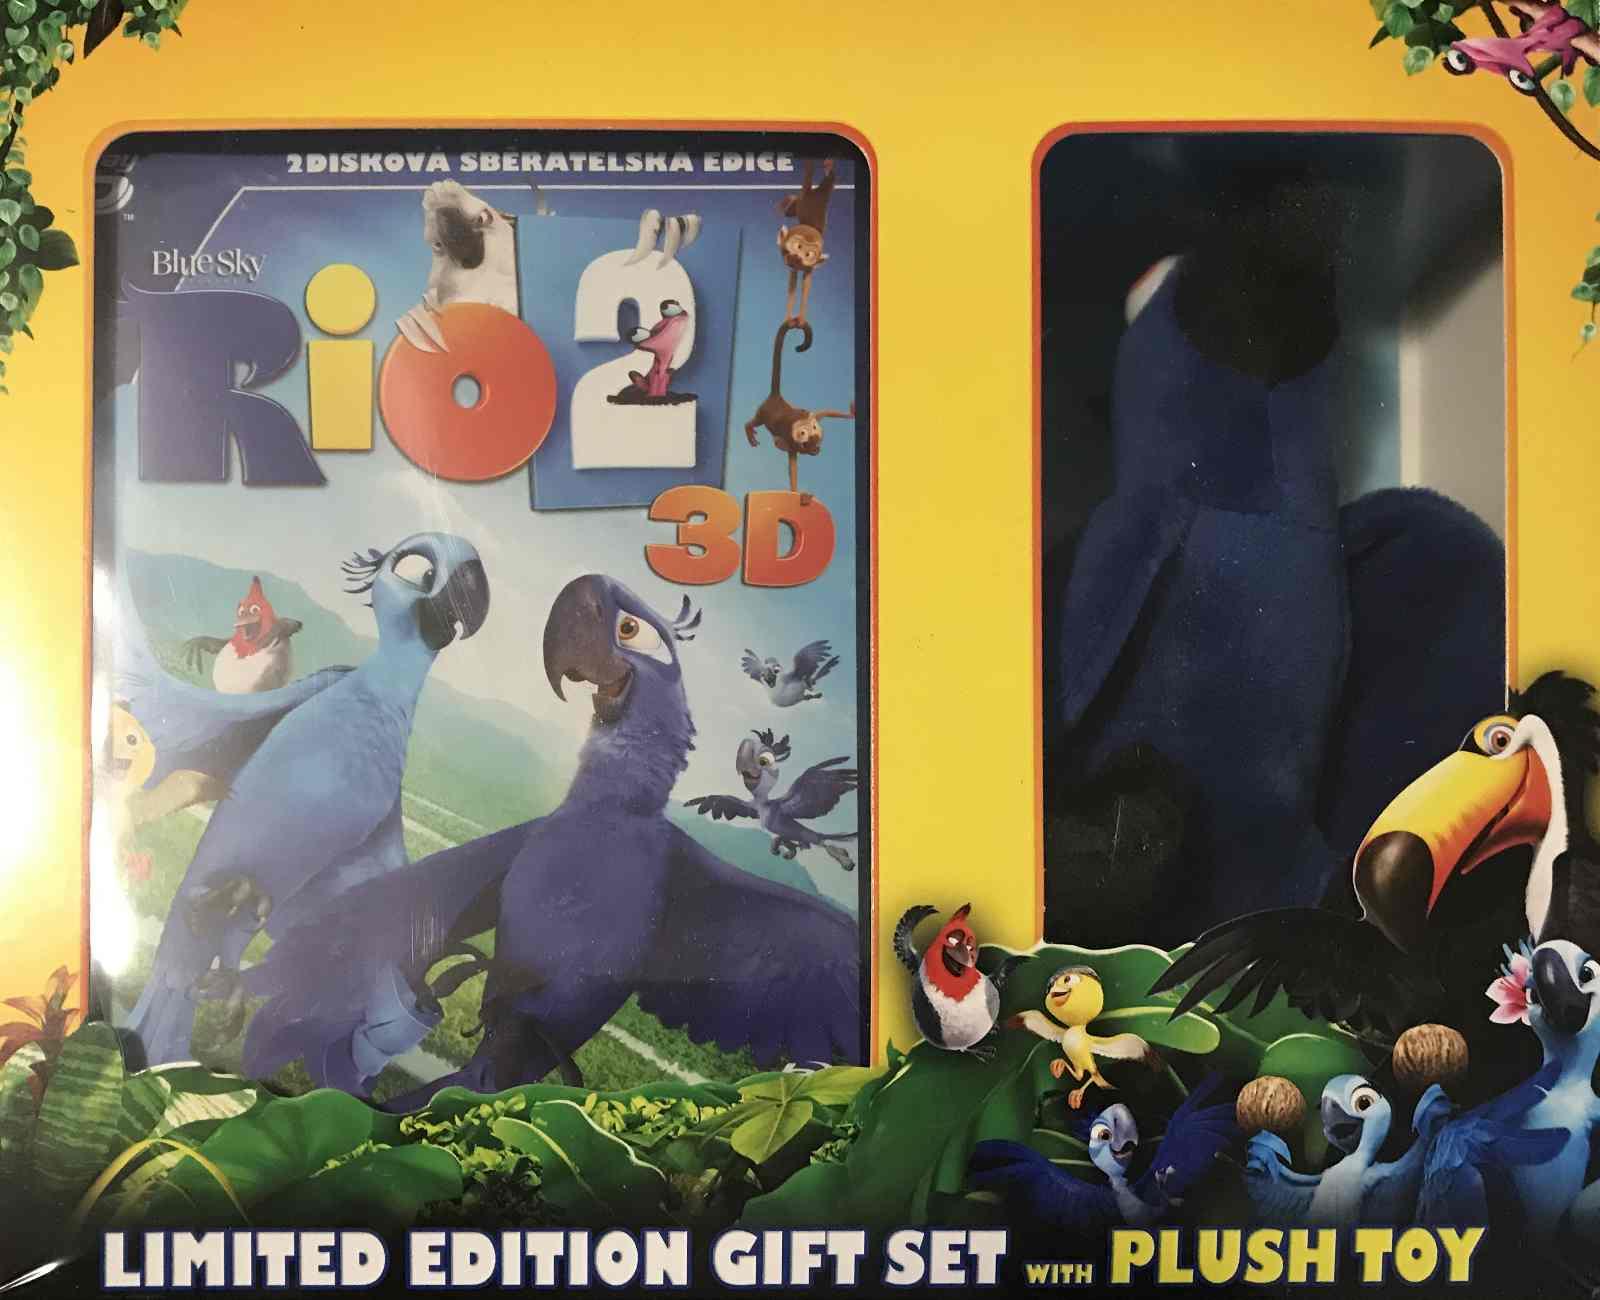 RIO 2 - Blu-ray 3D + 2D Limitovaná edice s plyšovou hračkou